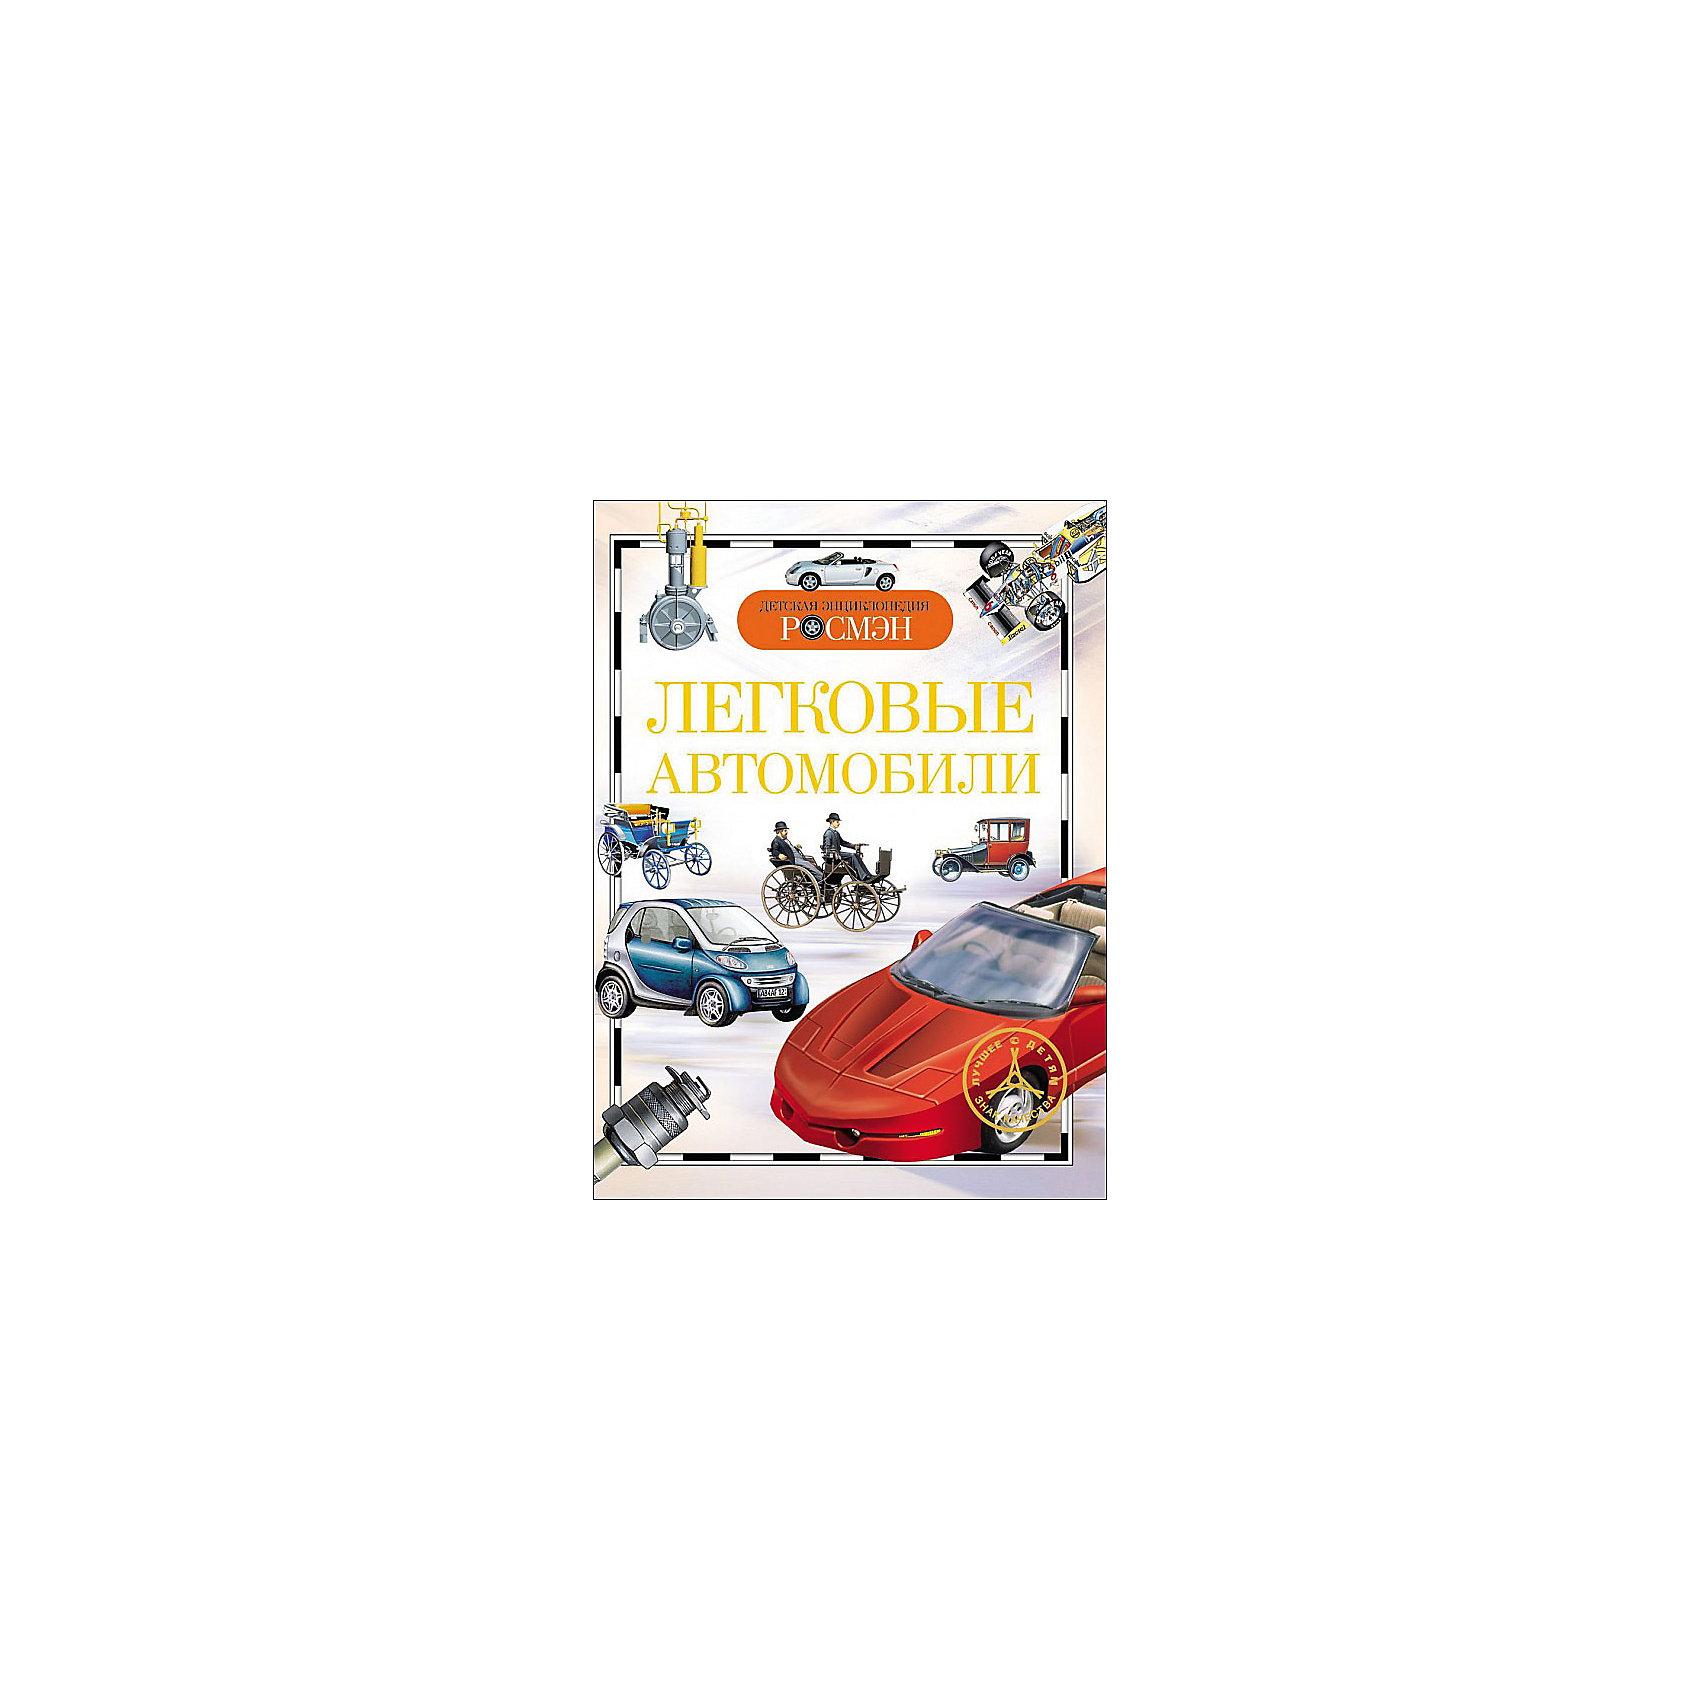 Легковые автомобилиХарактеристики товара:<br><br>- цвет: разноцветный;<br>- материал: бумага;<br>- страниц: 96;<br>- формат: 17 x 21 см;<br>- обложка: твердая;<br>- цветные иллюстрации.<br><br>Эта интересная книга с иллюстрациями станет отличным подарком для ребенка. Она содержит в себе ответы на вопросы, которые интересуют малышей. Всё представлено в очень простой форме! Талантливый иллюстратор дополнил книгу качественными рисунками, которые помогают ребенку понять суть многих вещей в нашем мире. Удивительные и интересные факты помогут привить любовь к учебе!<br>Чтение - отличный способ активизации мышления, оно помогает ребенку развивать зрительную память, концентрацию внимания и воображение. Издание произведено из качественных материалов, которые безопасны даже для самых маленьких.<br><br>Книгу Легковые автомобили от компании Росмэн можно купить в нашем интернет-магазине.<br><br>Ширина мм: 220<br>Глубина мм: 170<br>Высота мм: 10<br>Вес г: 210<br>Возраст от месяцев: 84<br>Возраст до месяцев: 108<br>Пол: Унисекс<br>Возраст: Детский<br>SKU: 5109978